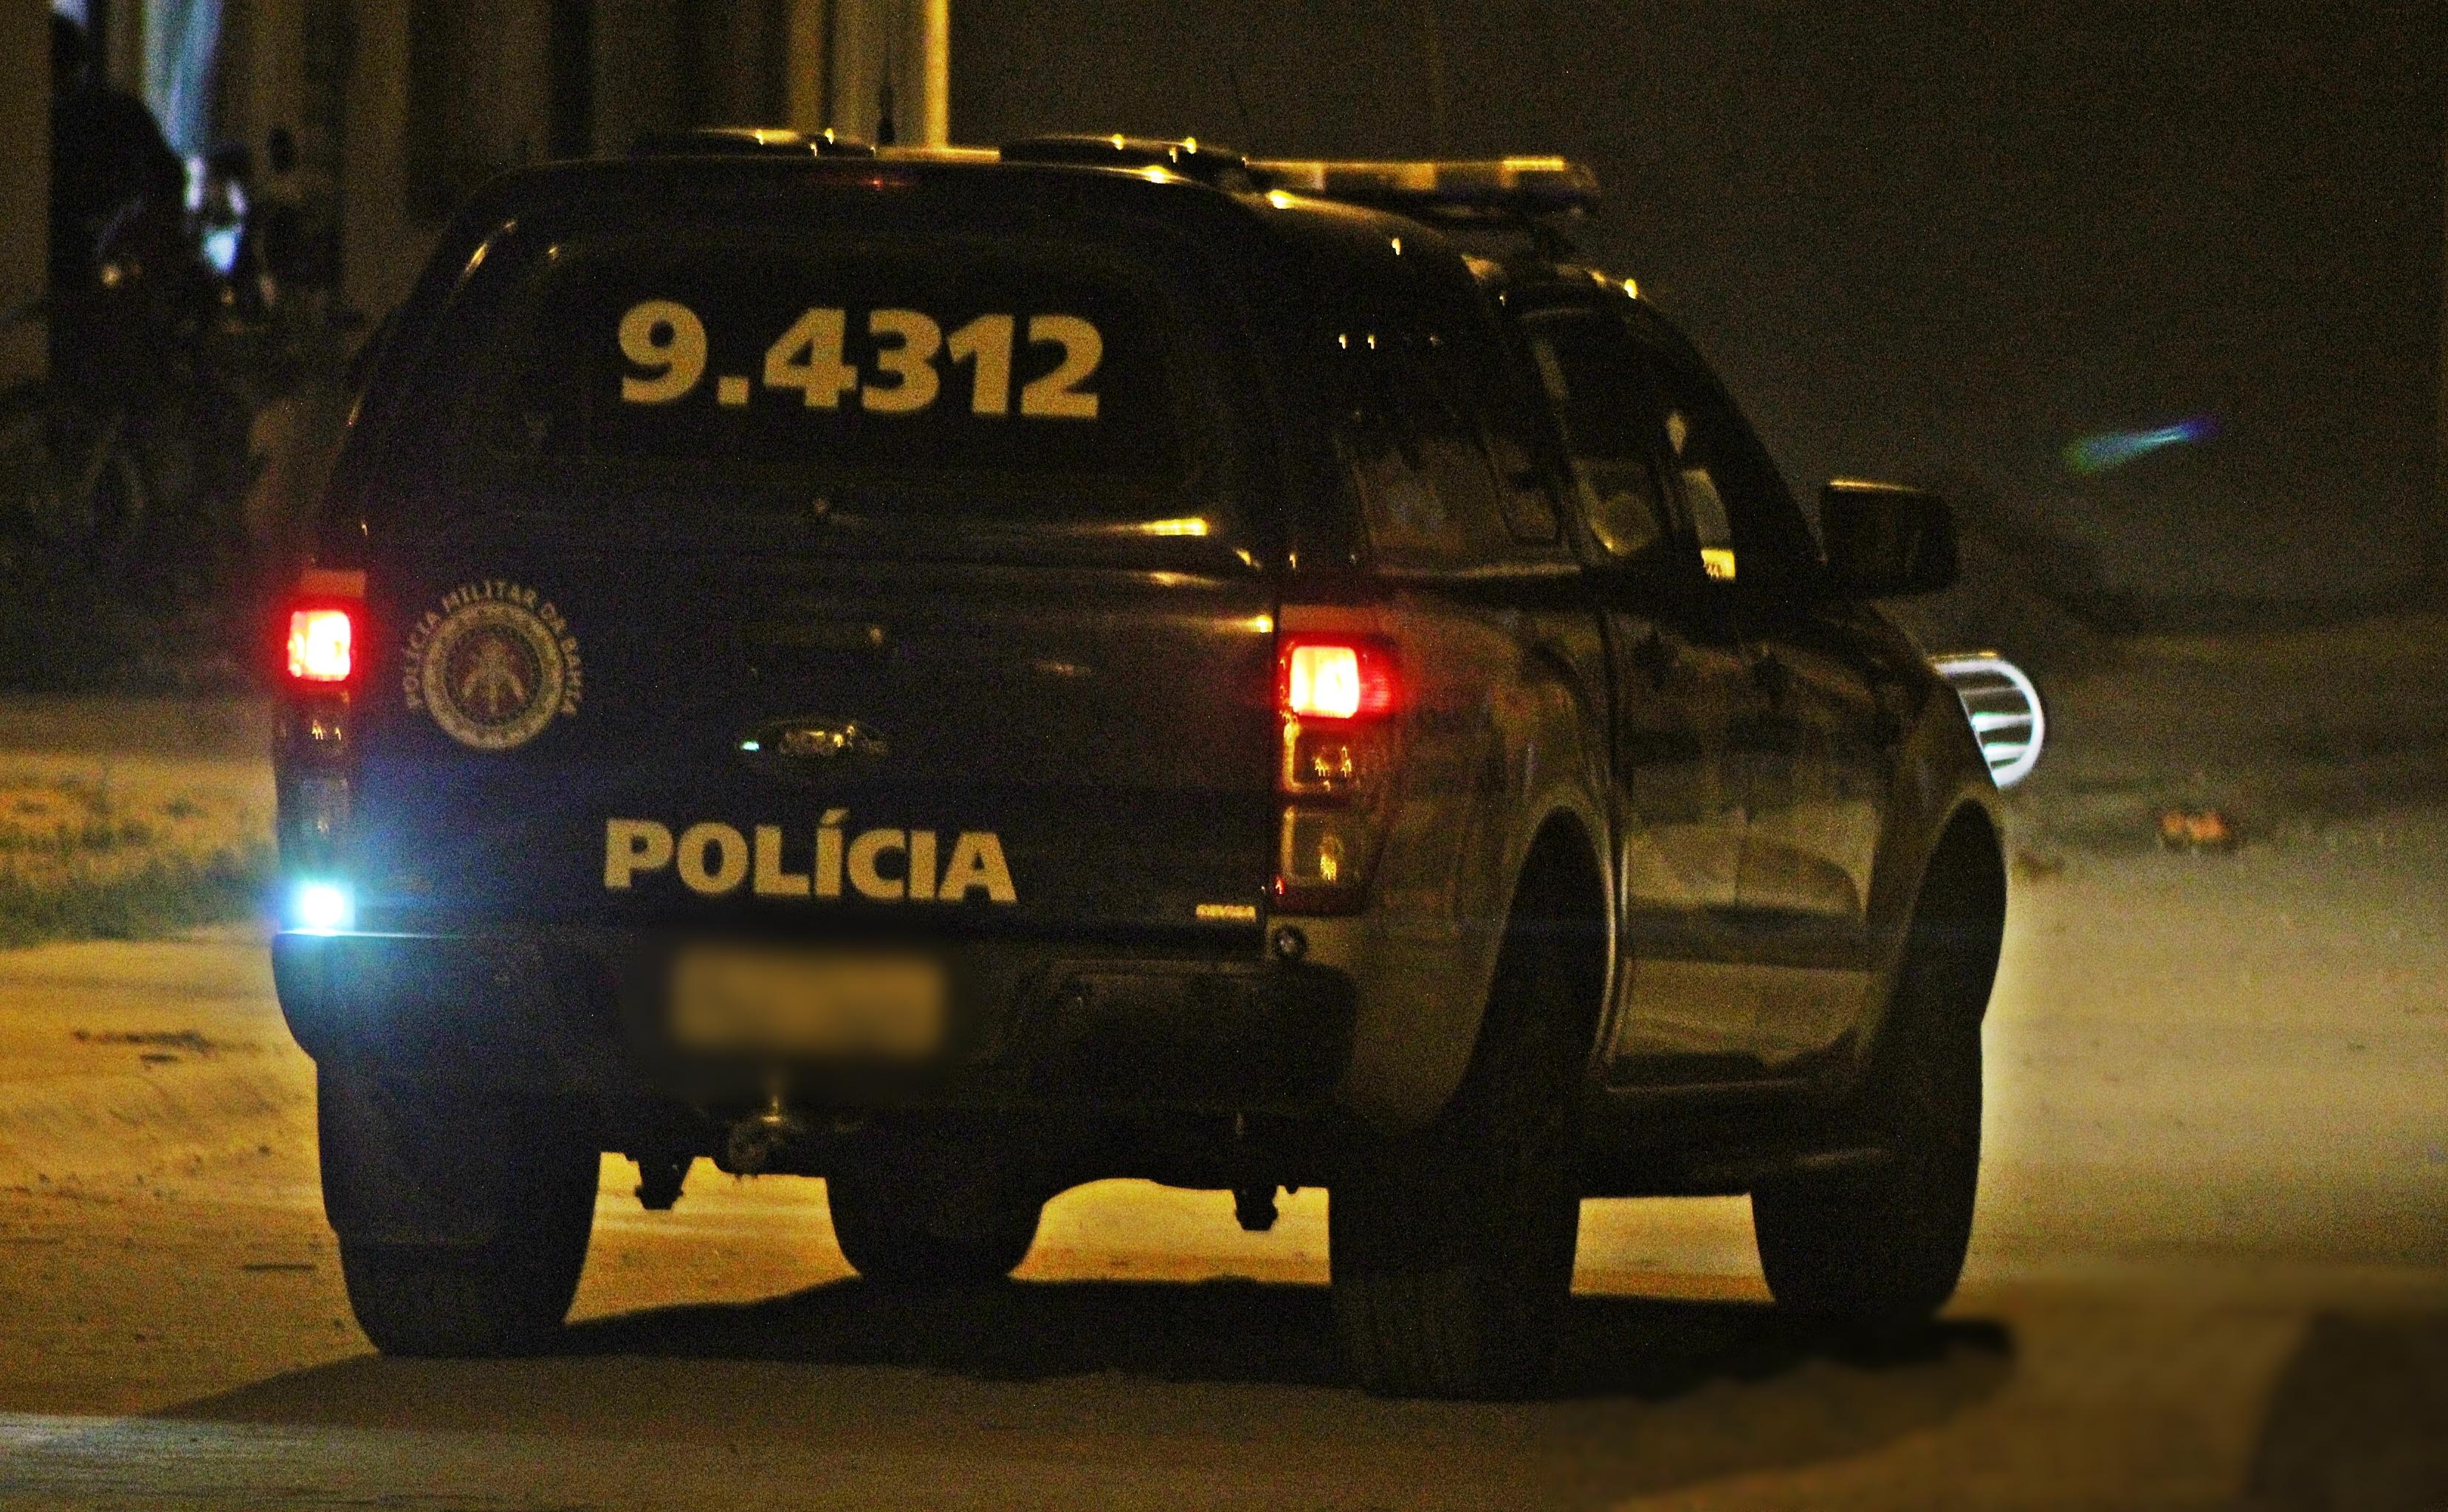 Jovem é morto a tiros disparados por criminosos em carro no Bairro Perpétuo Socorro, em Paulo Afonso